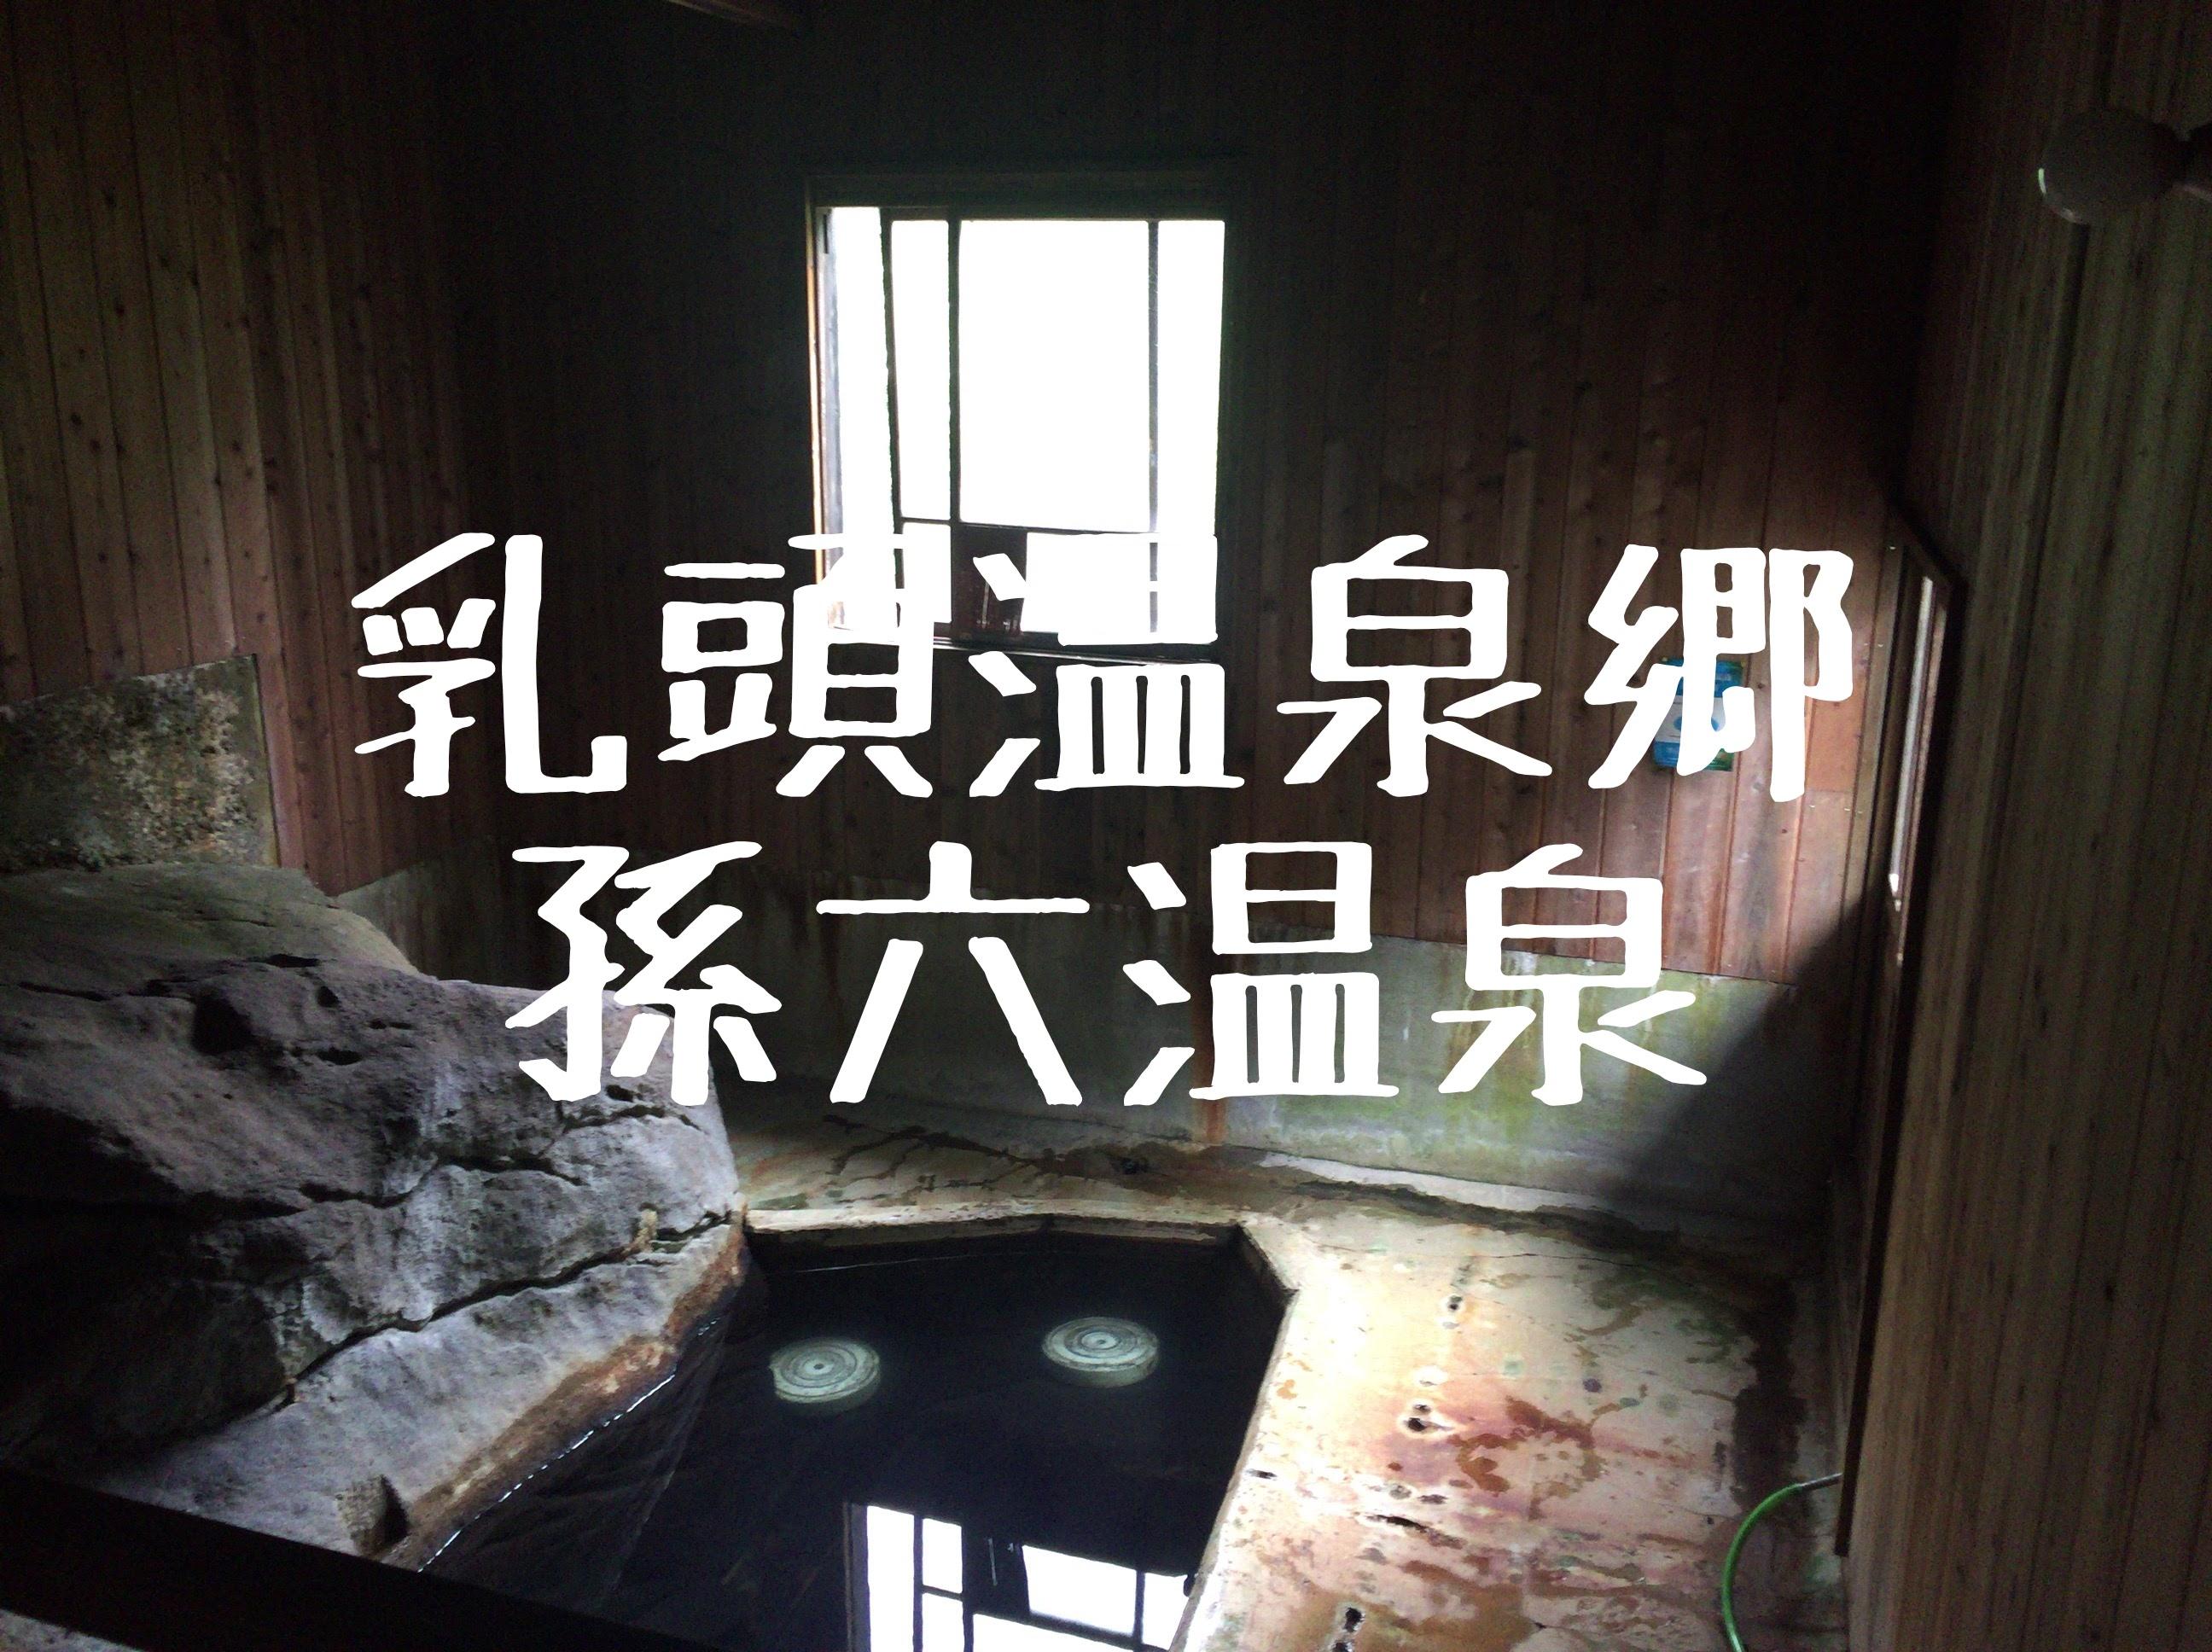 ひなびた雰囲気が心地いい「乳頭温泉郷 孫六温泉」の日帰り入浴で混浴を堪能。